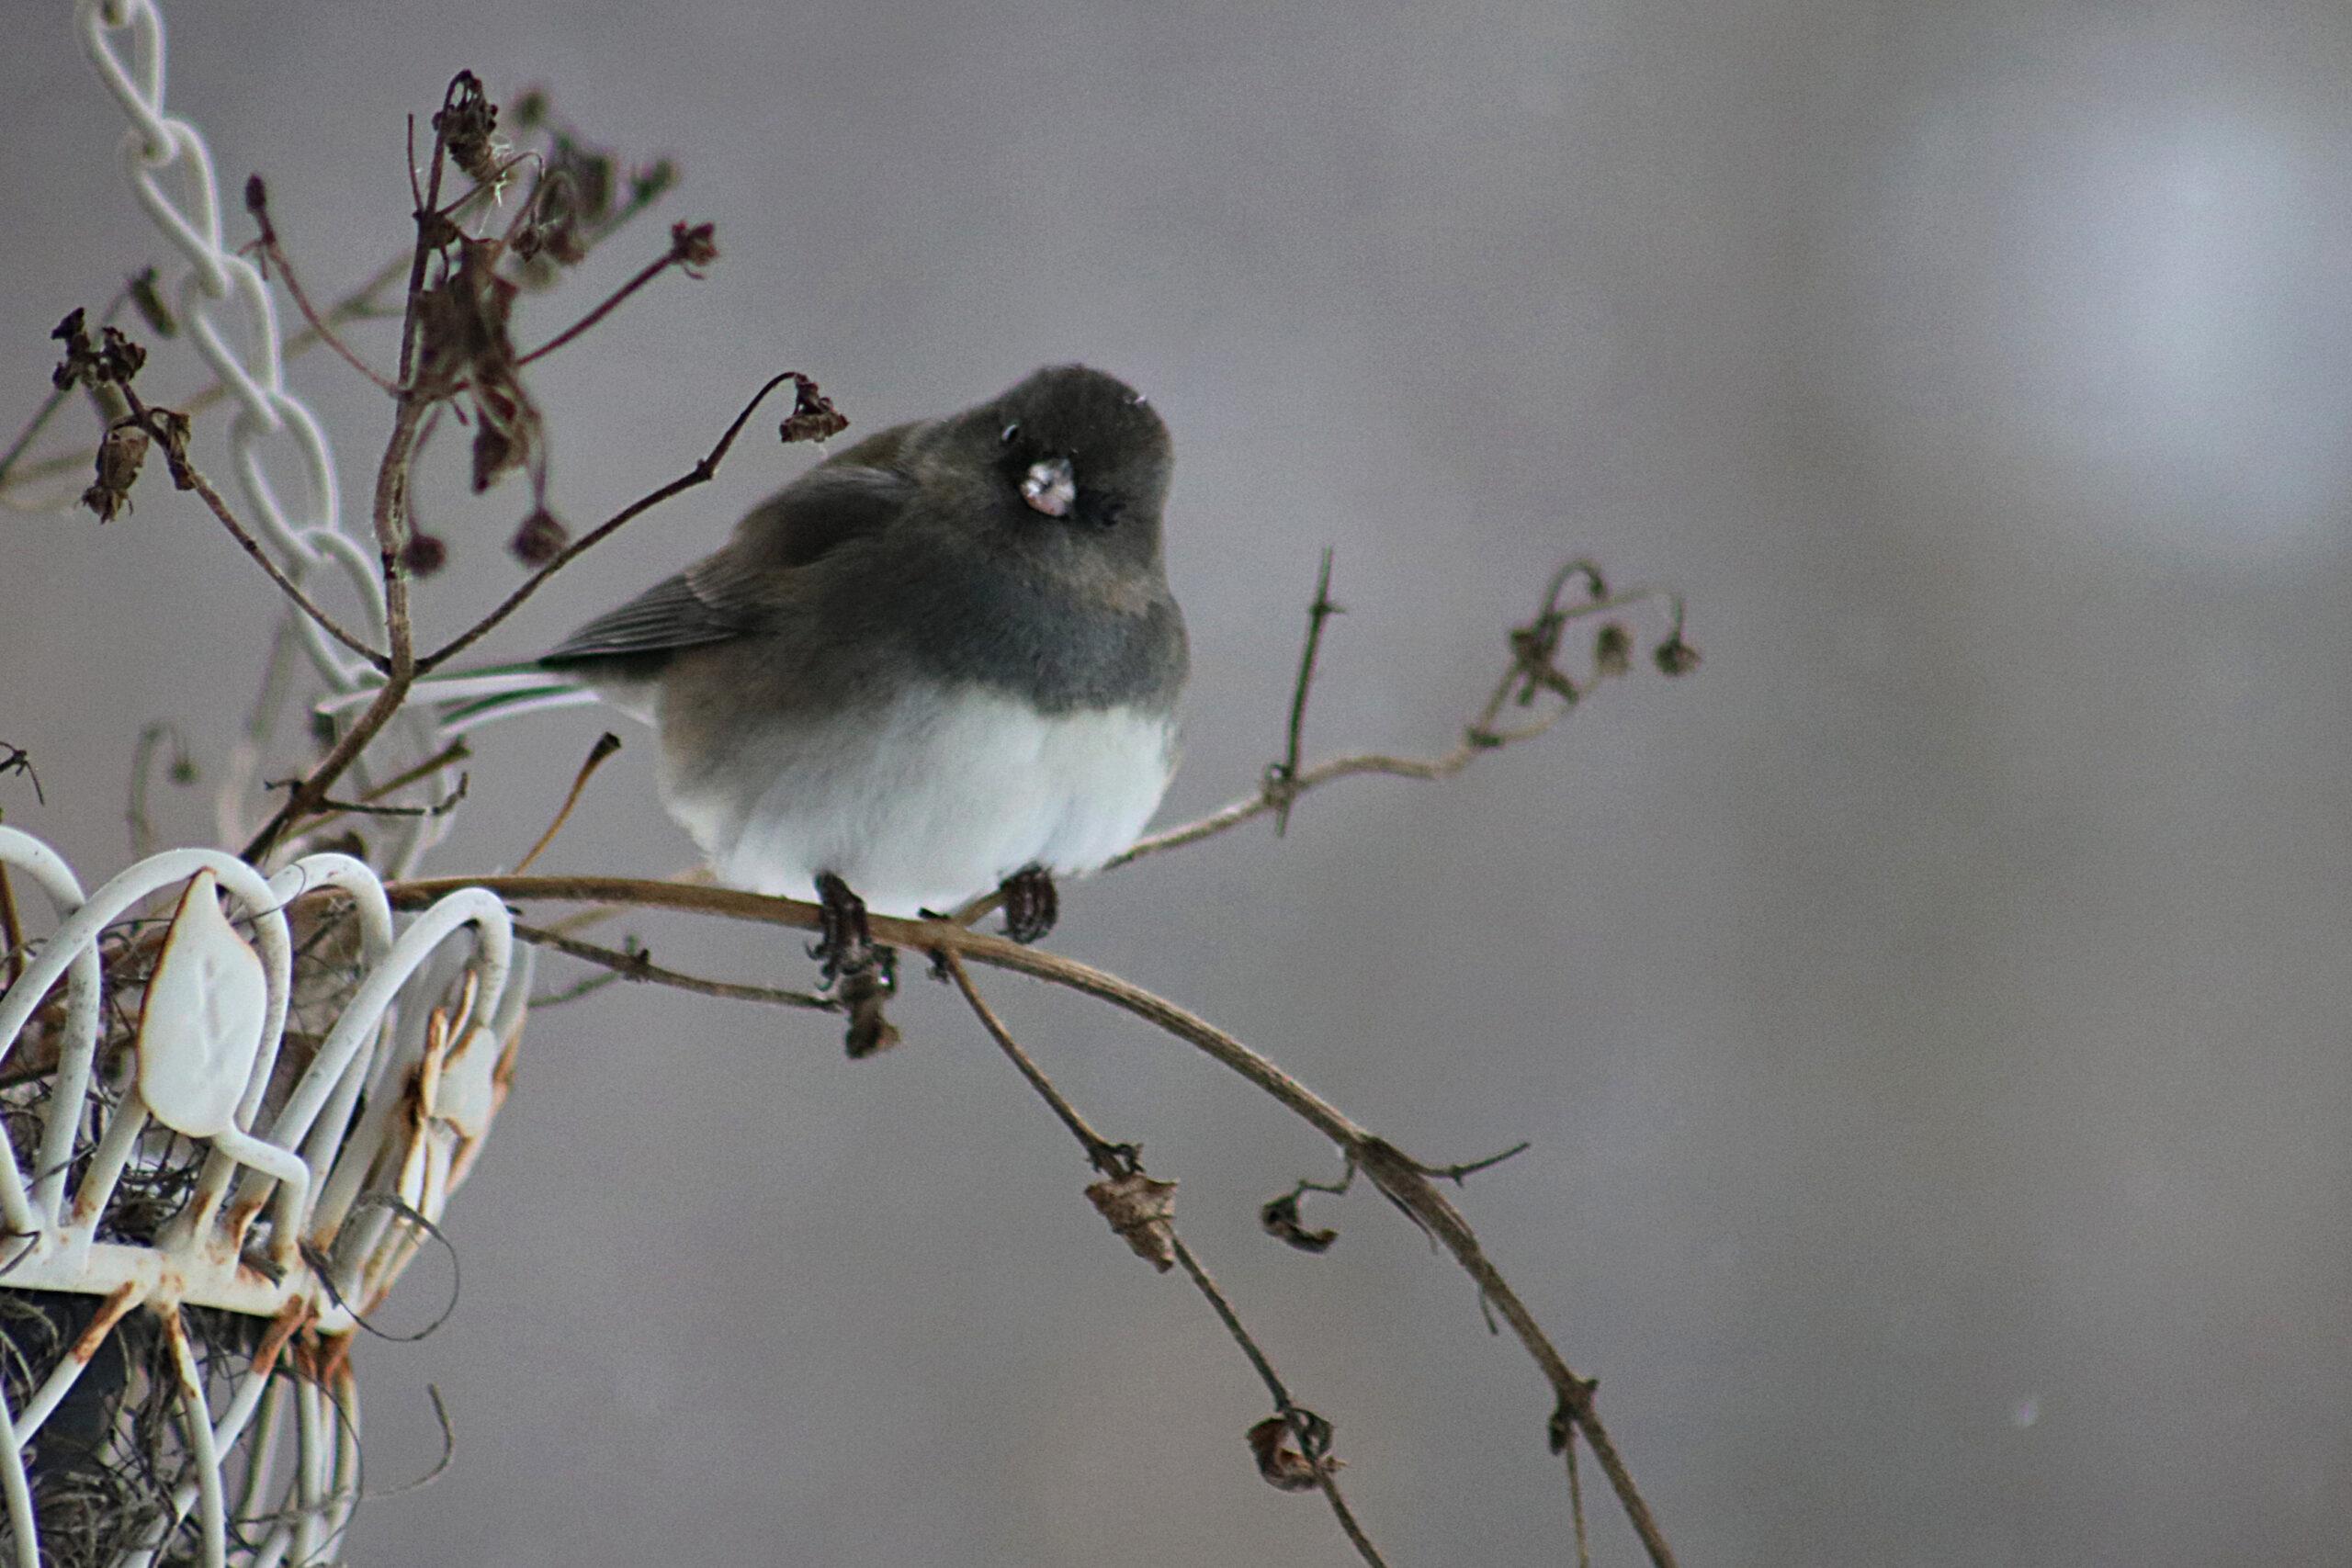 SnowBirdonTwig